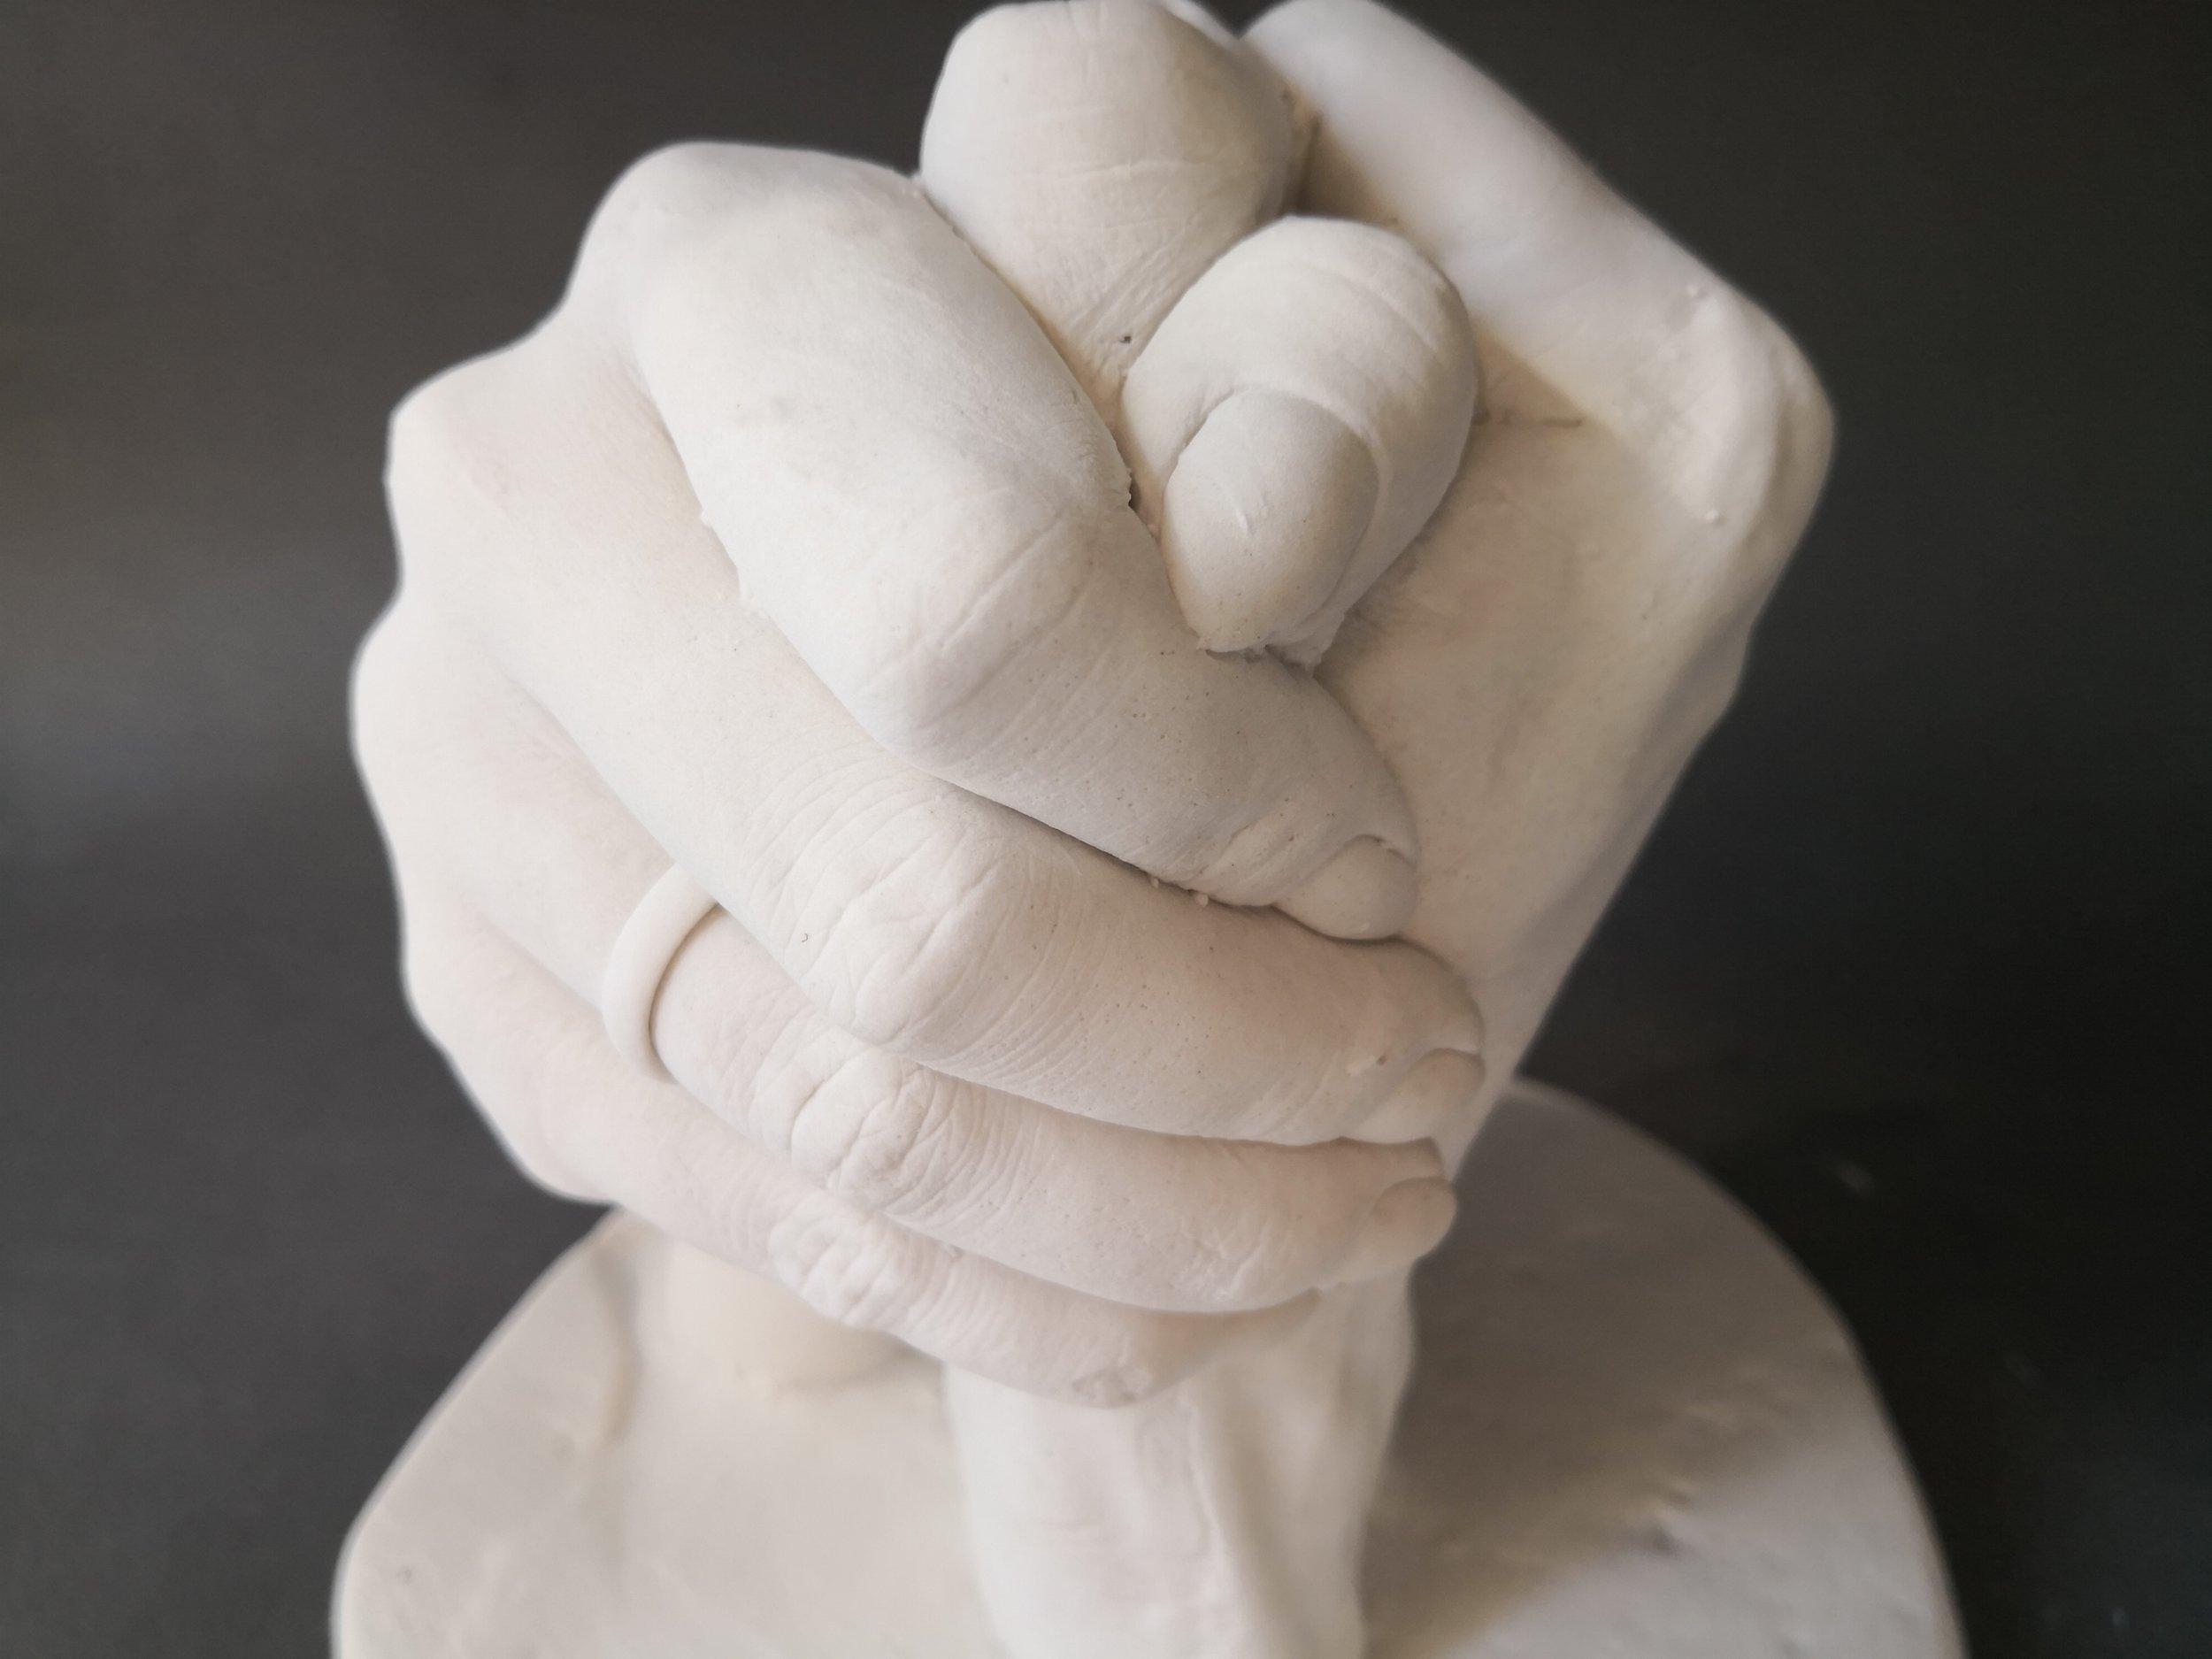 """Rokas atliešana ģipsī - Iespējams izveidot vienreizēju algināta veidni ar savu roku vai rokām, kurā pēc tam iespējams atliet ģipša figūru.Laiks: 40minCena : 70/90eur (1 vai 2 rokas)Process: Jūsu klātbūtnē tiek sajaukta gumijai līdzīga masa ar cietēšanas laiku 5min. Šajā masā jums jāieliek sava roka/rokas un nekustīgi jātur kamēr masa sacietē. Tad viegli kustinot pirkstus ir iespējams rokas izvilkt laukā. Šī gumijas masa ir droša ādai un arī gredzeniem. Pēc tam šai """"negatīva"""" veidnē atleju ģipša """"pozitīvu"""". Ģipsis cietā 30min-1h attiecīgi šo laiku varat uzkavēties darbnīcā vai izvēlēties saņemt darbu vēlāk pa pastu. Arī šis process ir ļoti tīrīgs, un rokas viegli nomazgājamas ar ziepēm.Nodarbību lūdzam pieteikt iepriekš caur FACEBOOK BOOK NOW OPCIJU."""